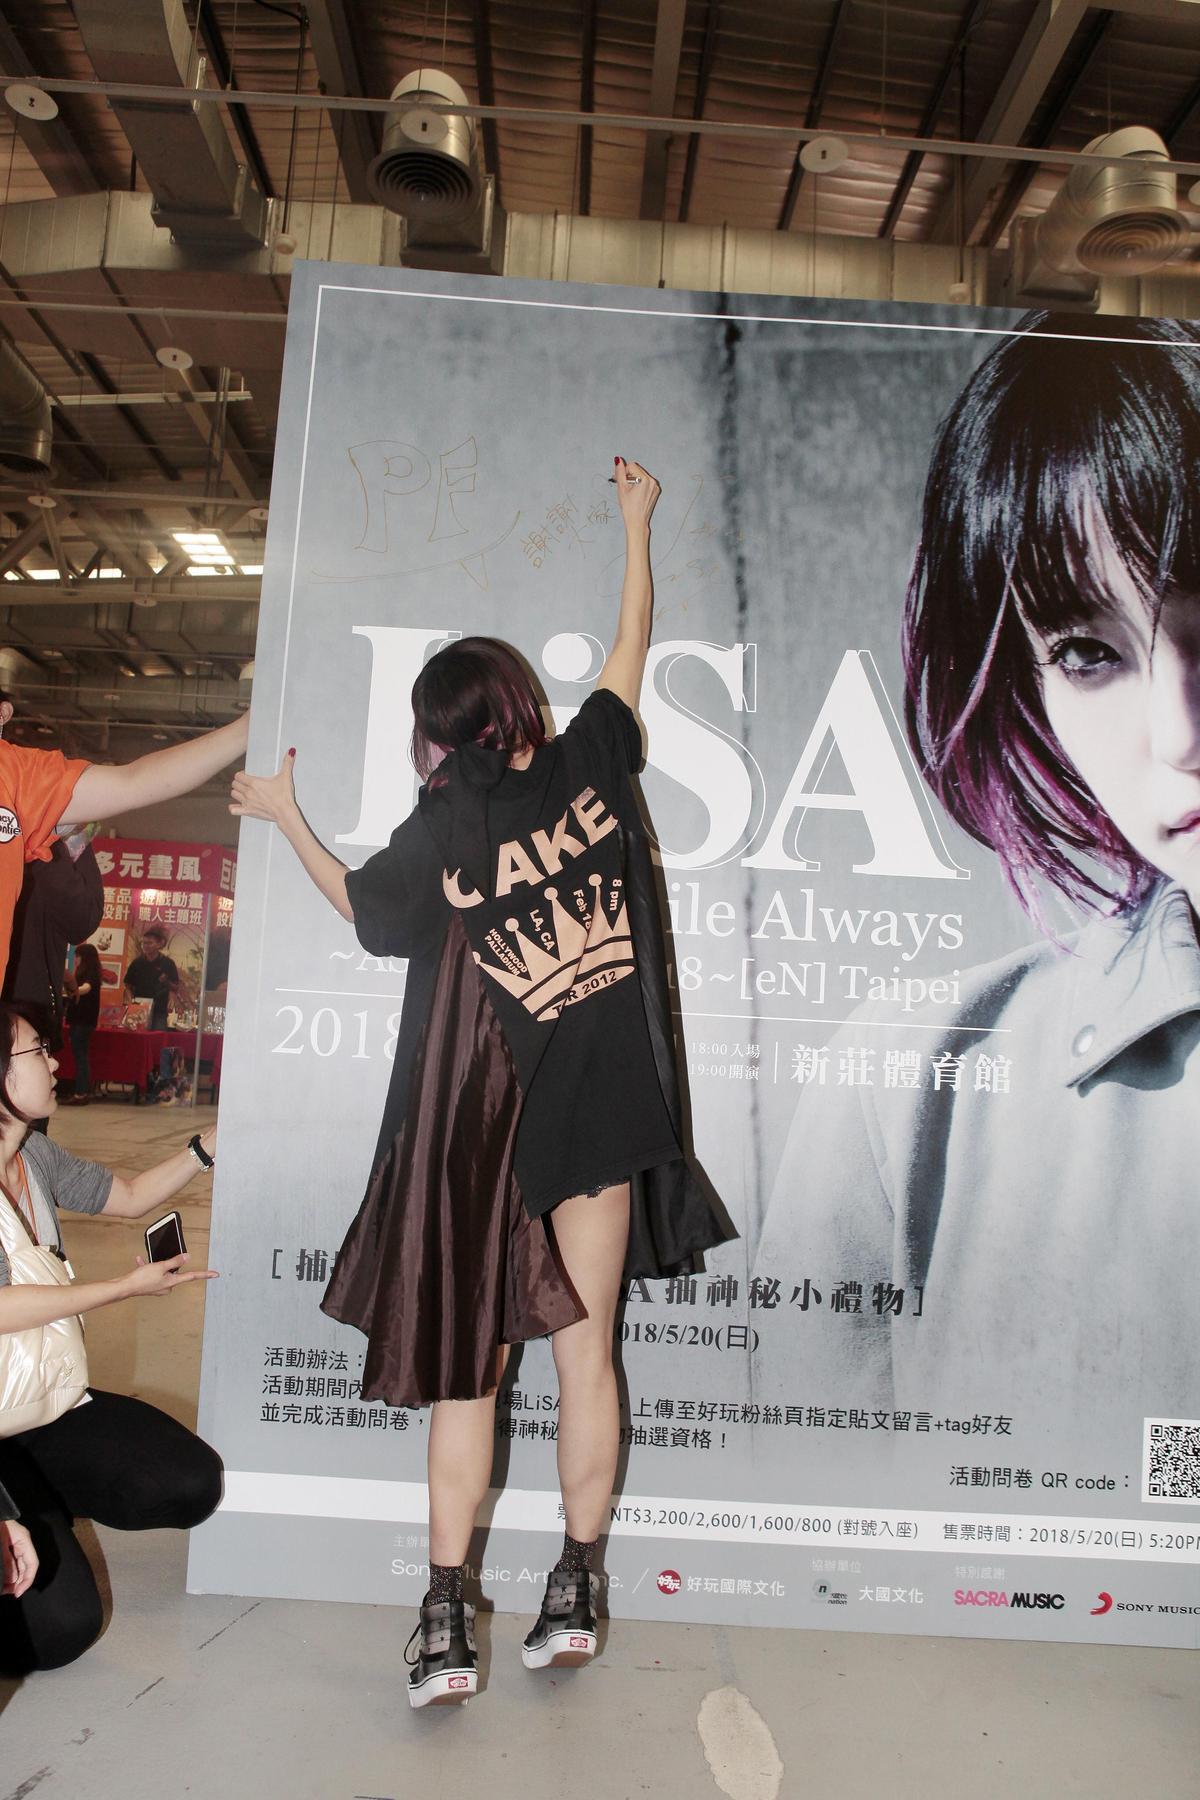 520衝票大成功 LiSA演唱會門票一小時完售 - Yahoo奇摩新聞